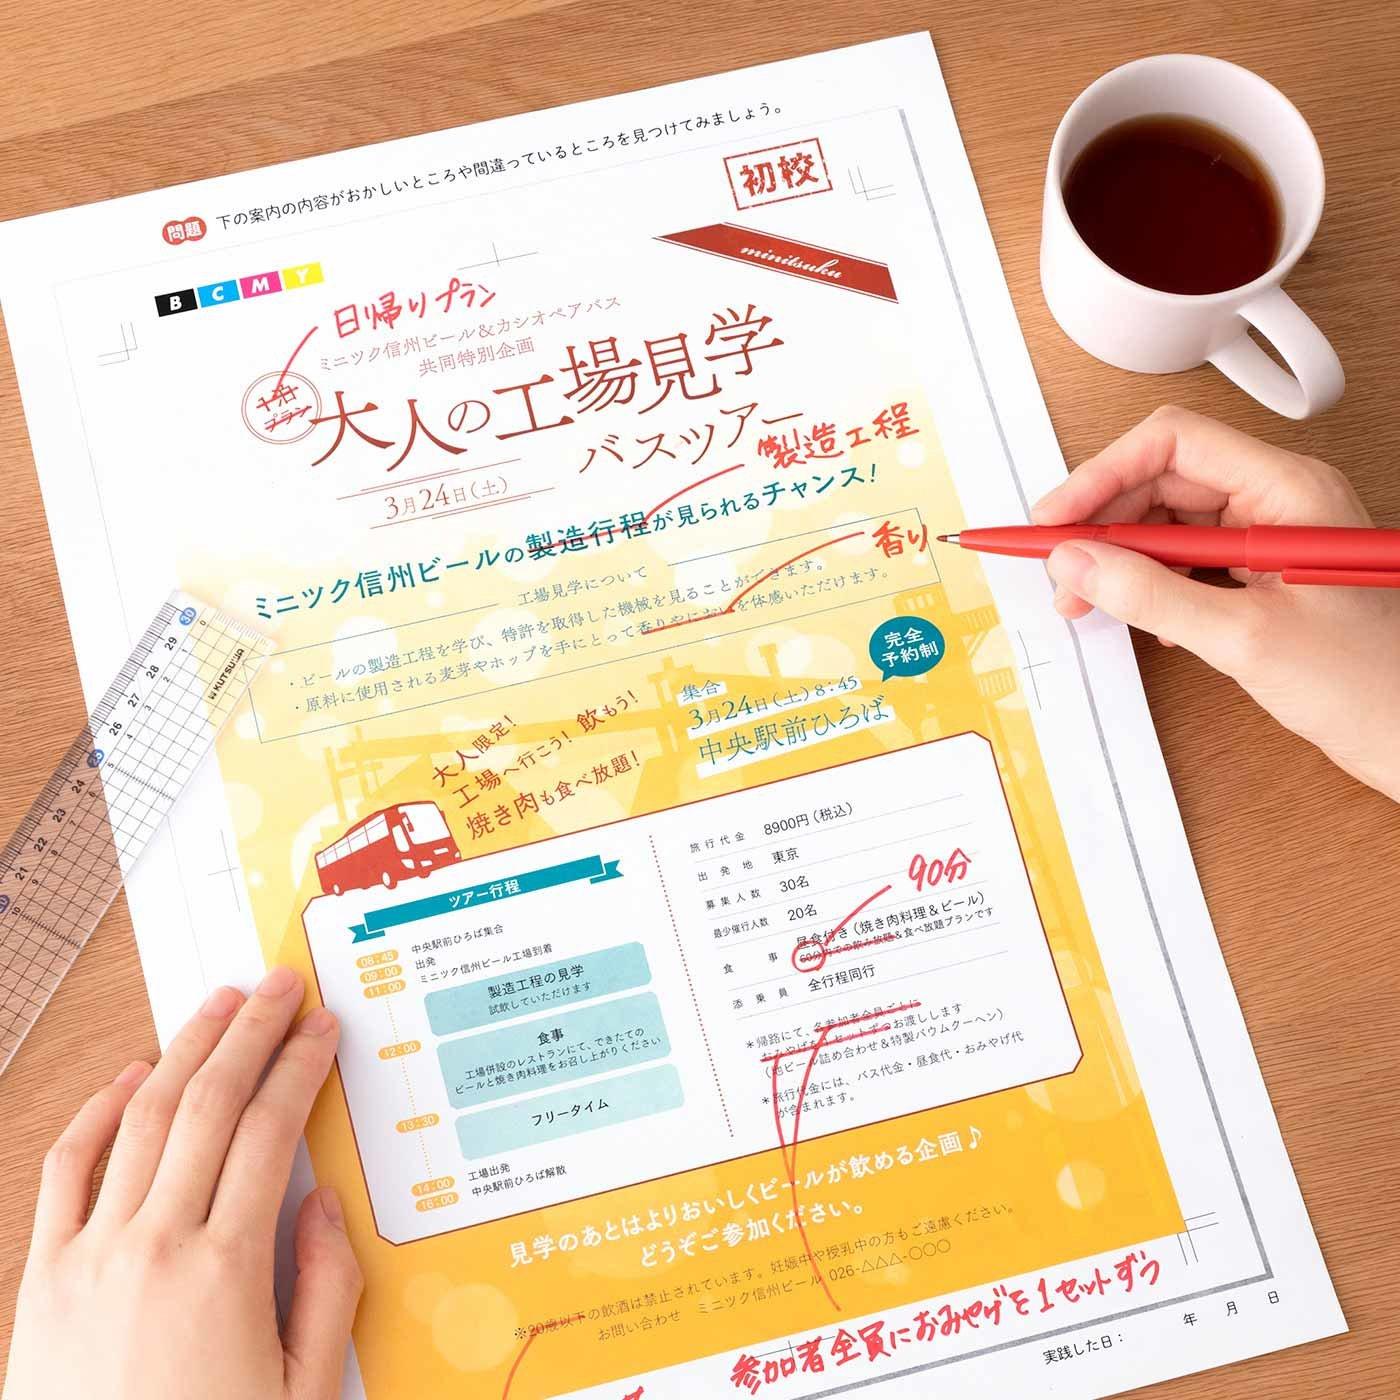 校閲のプロに教わる 日本語力に自信がつくプログラム[ 12回予約プログラム]